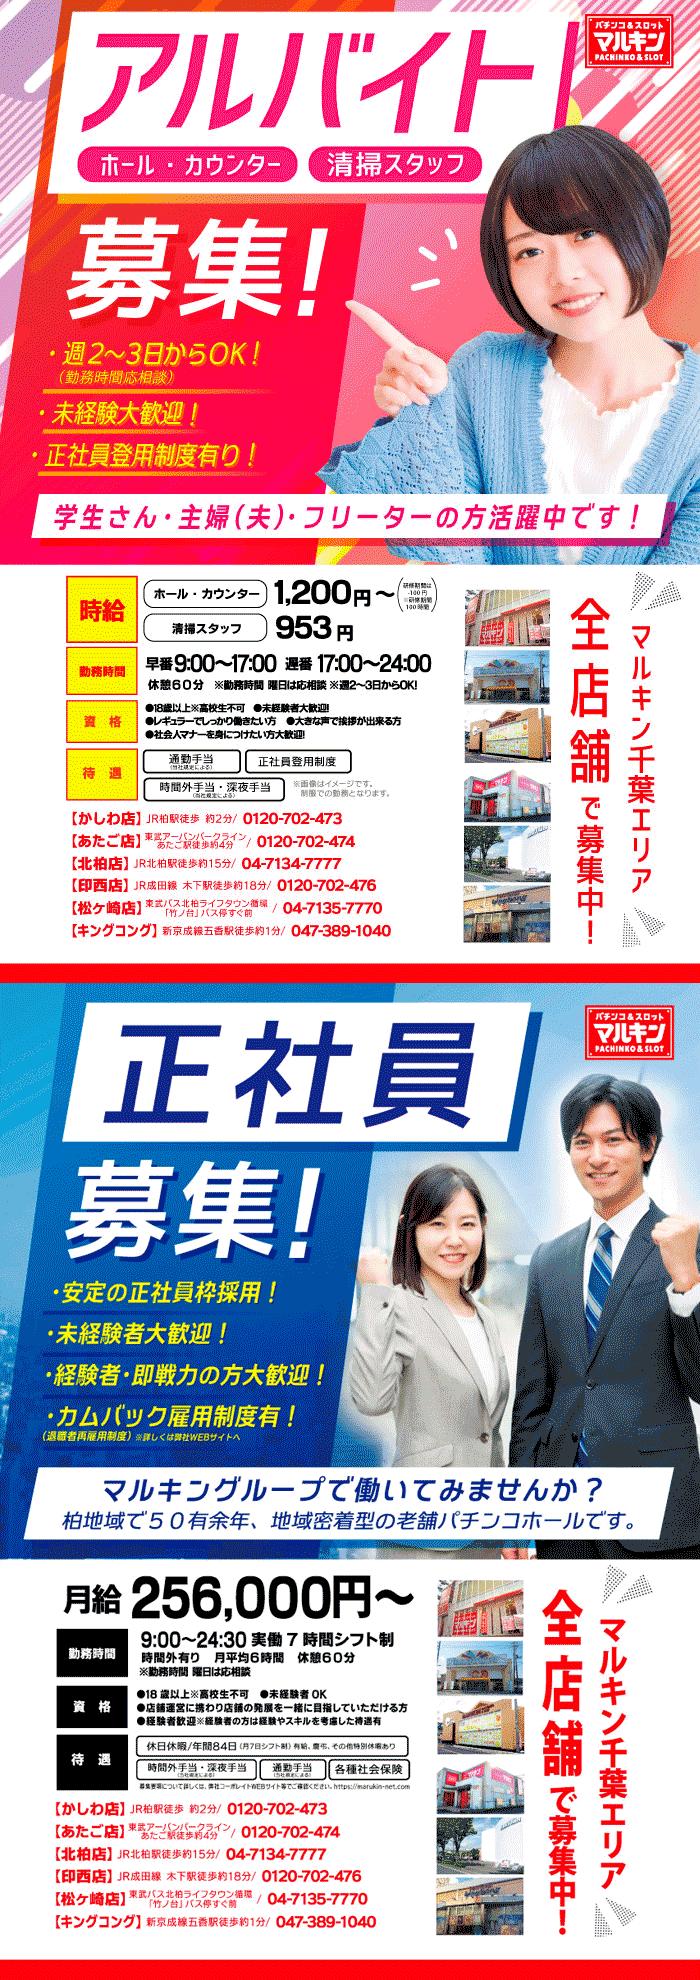 アルバイト/正社員募集中!